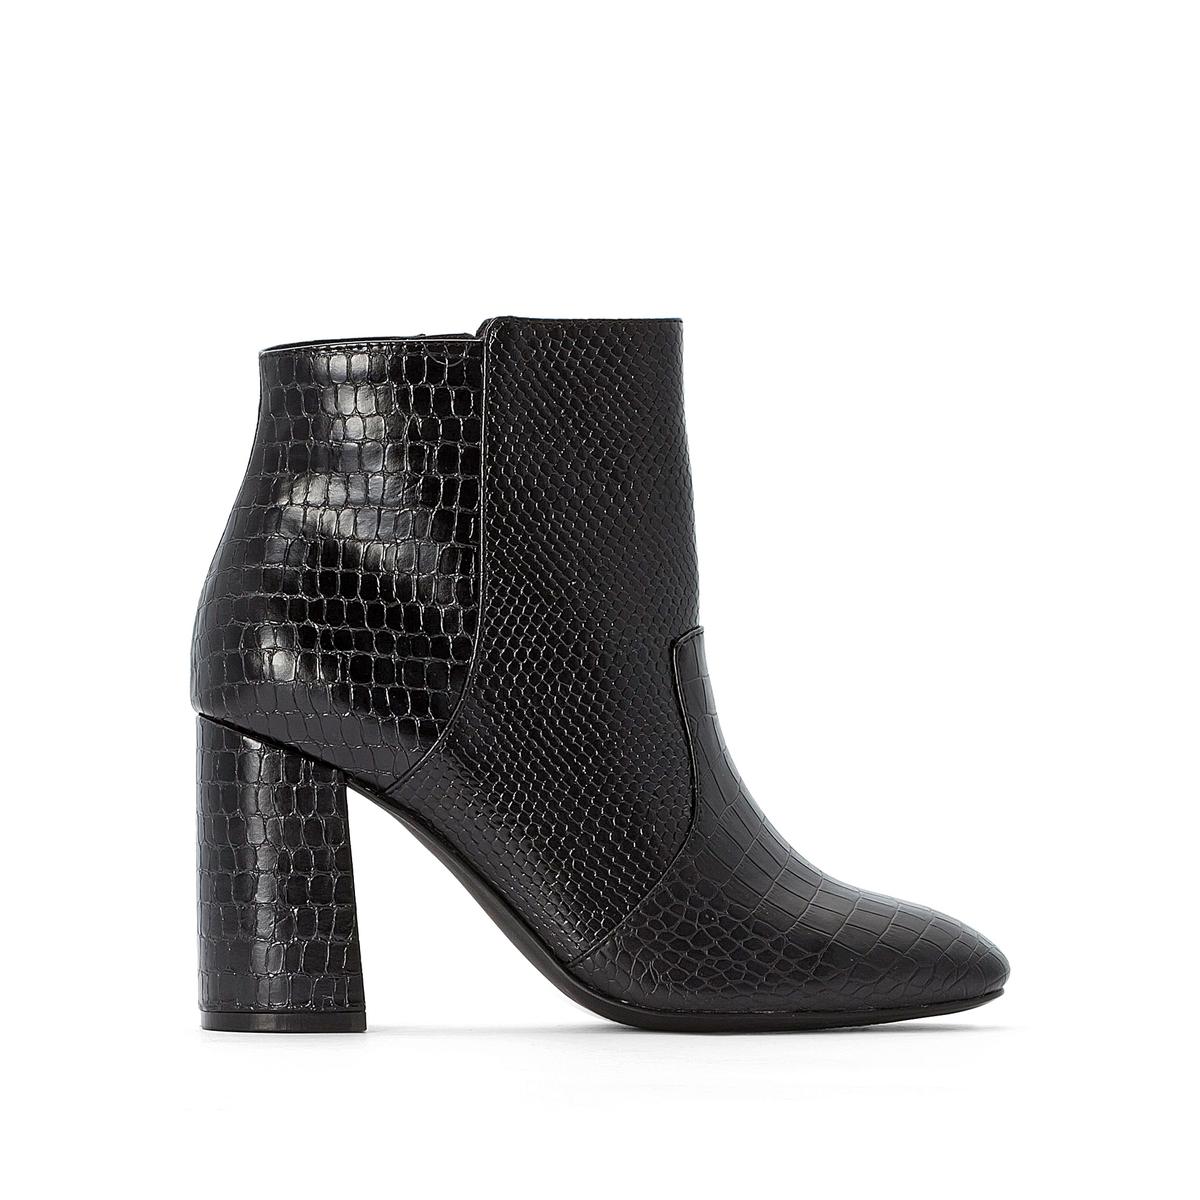 цена Сапоги La Redoute Из двух материалов на квадратном каблуке 36 черный онлайн в 2017 году